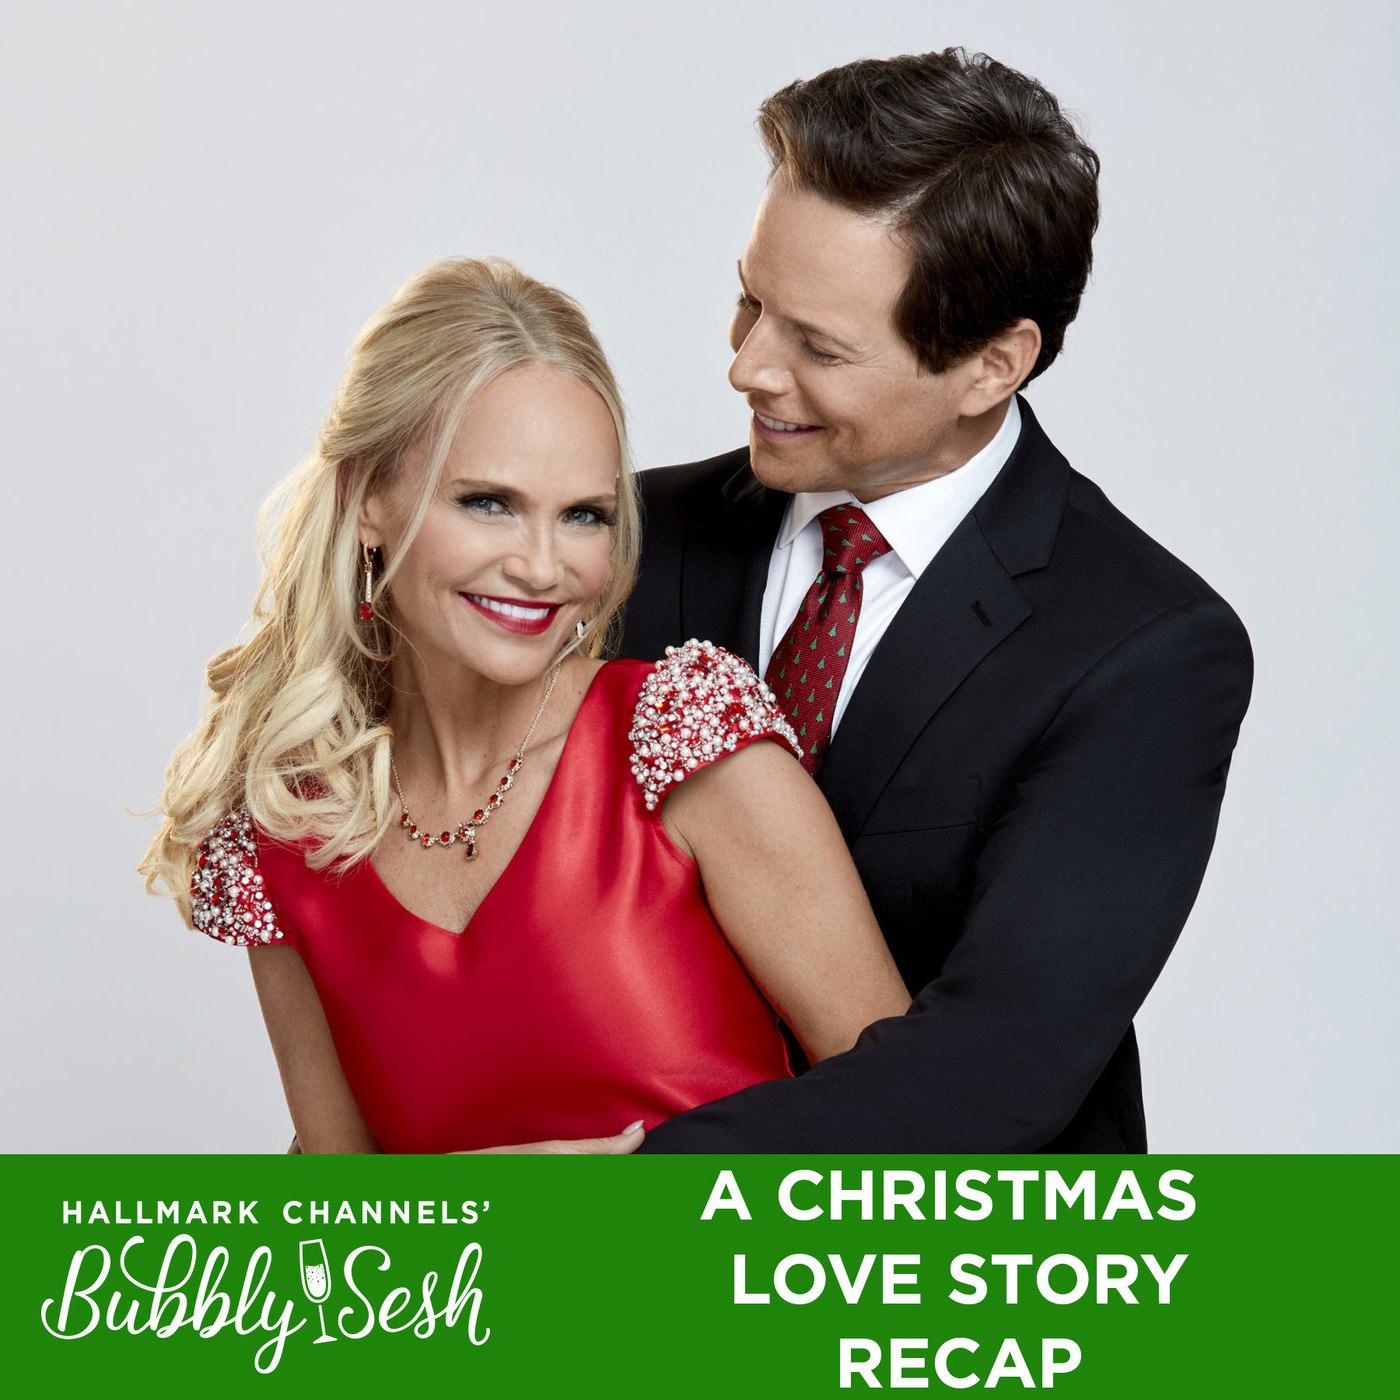 A Christmas Love Story Recap